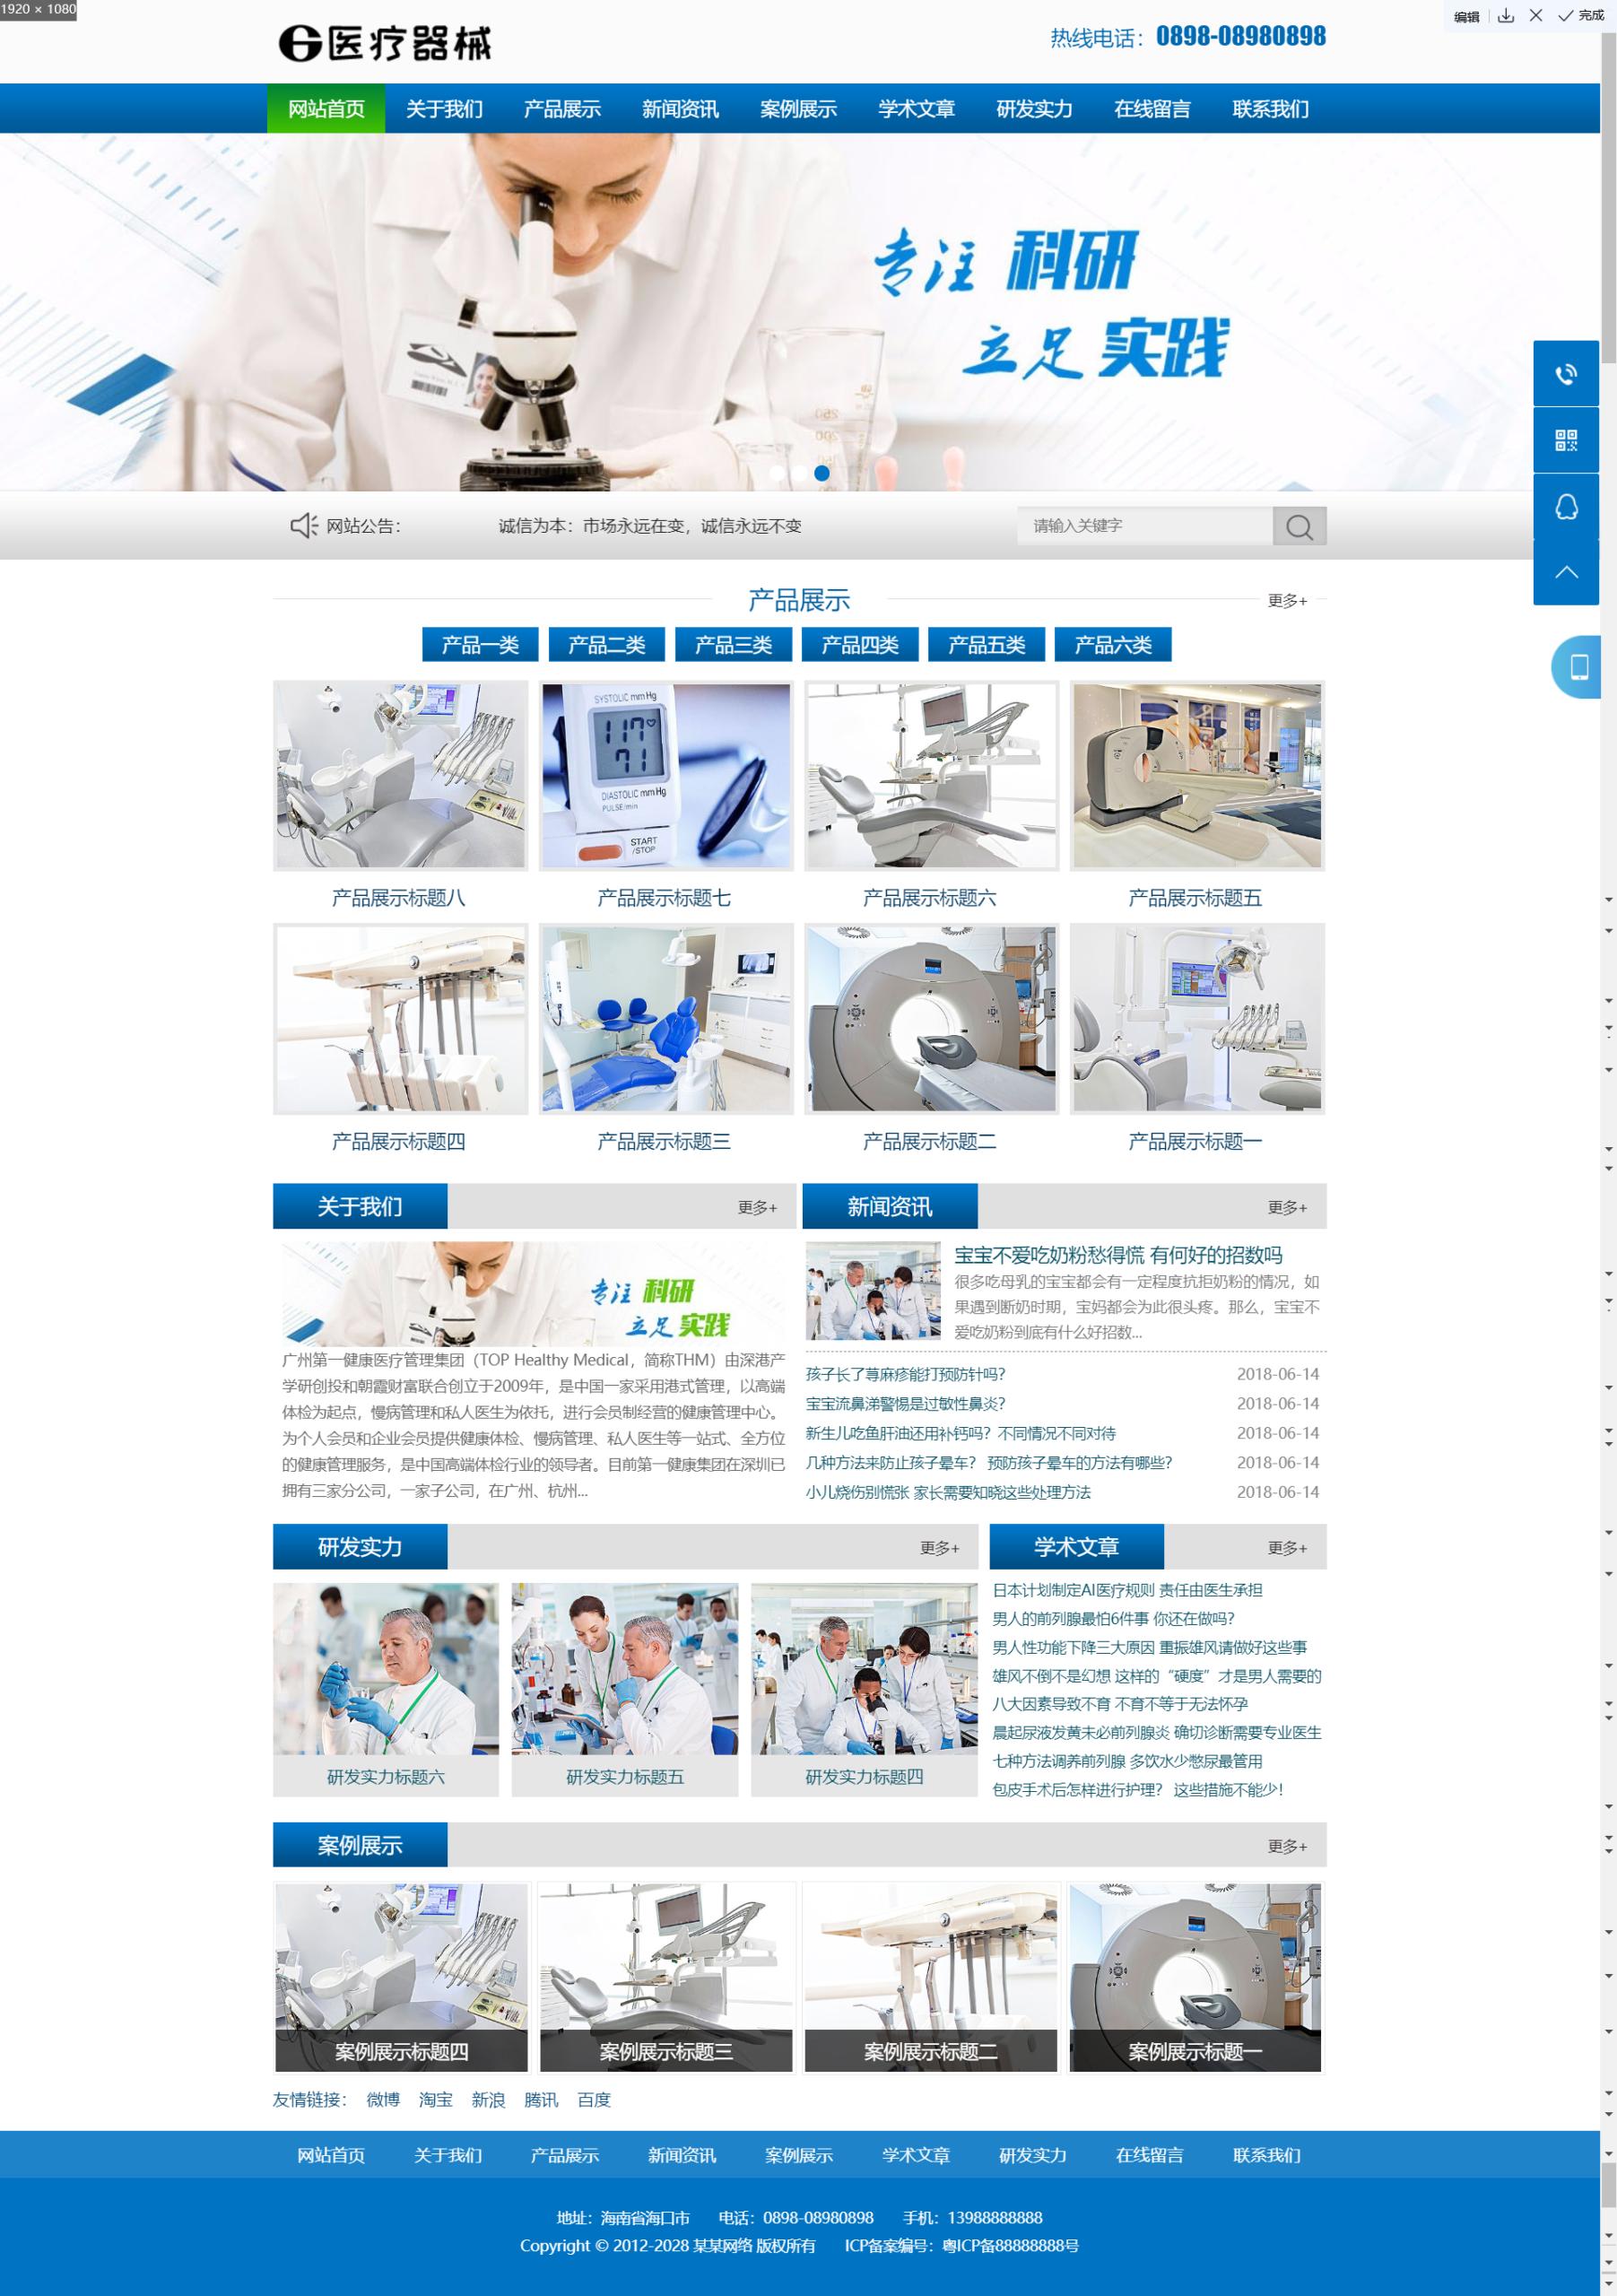 医疗器械设备科研类公司产品企业模板官网企业网站源码下载自适应手机端带强大的后台管理系统